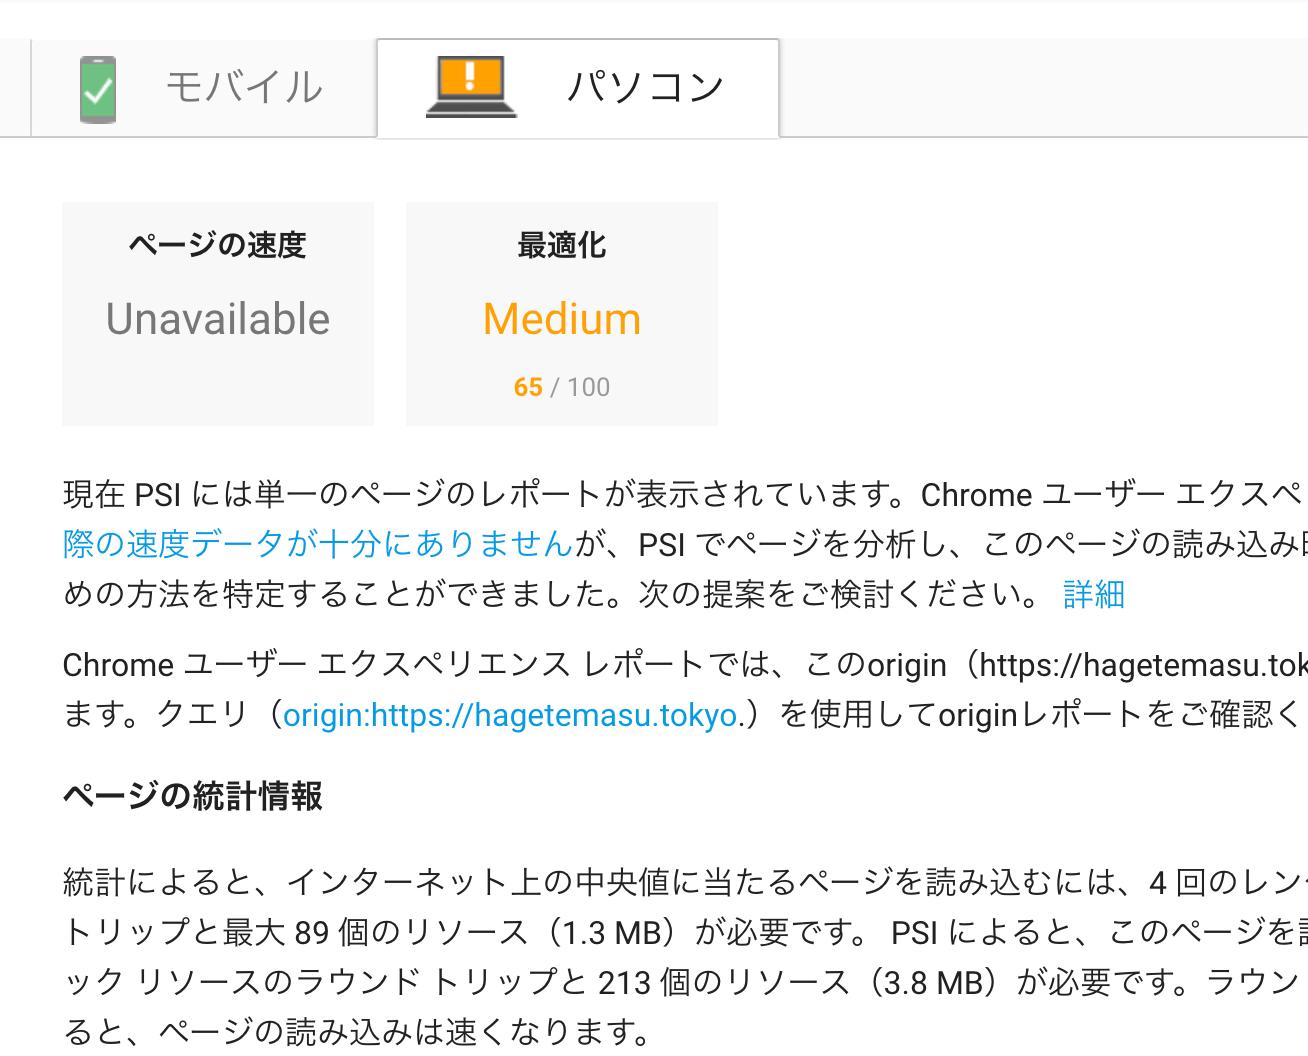 スクリーンショット 2018-09-03 17.14.53